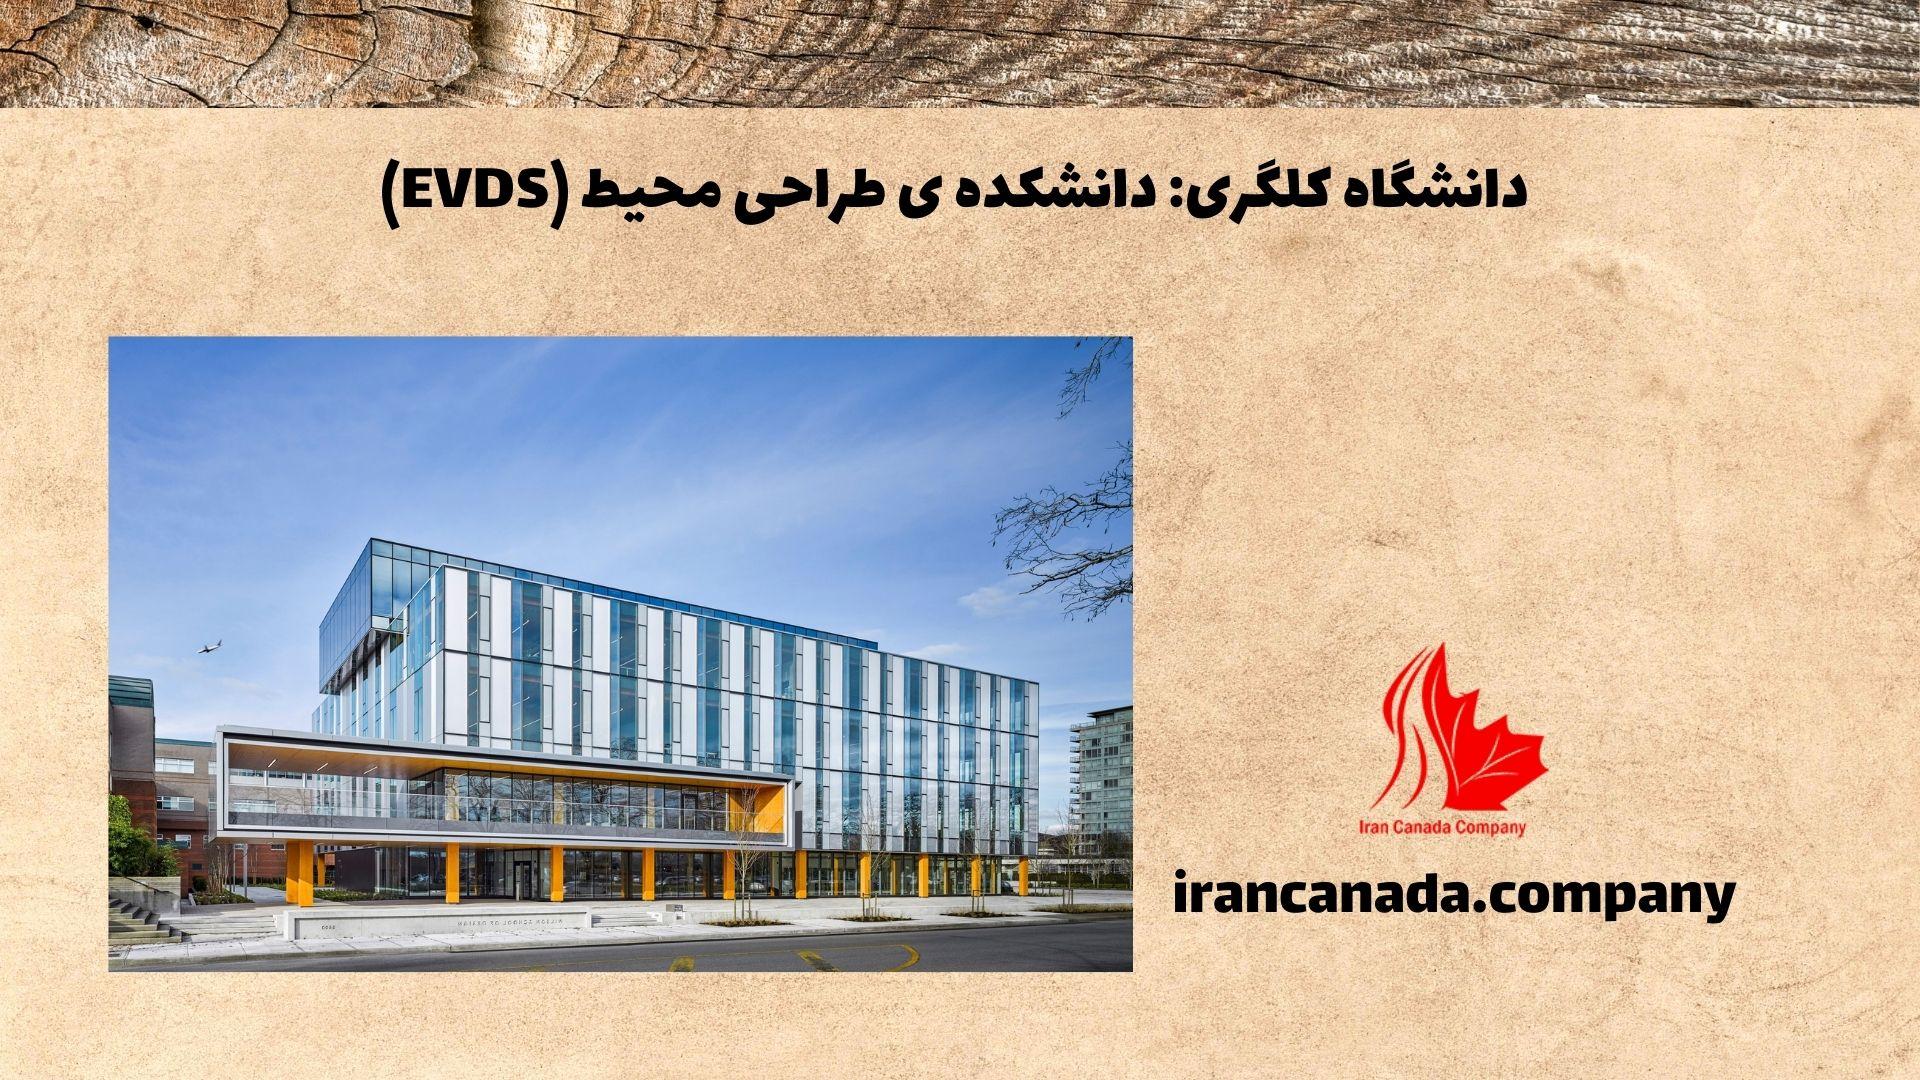 دانشگاه کلگری: دانشکده ی طراحی محیط (EVDS)